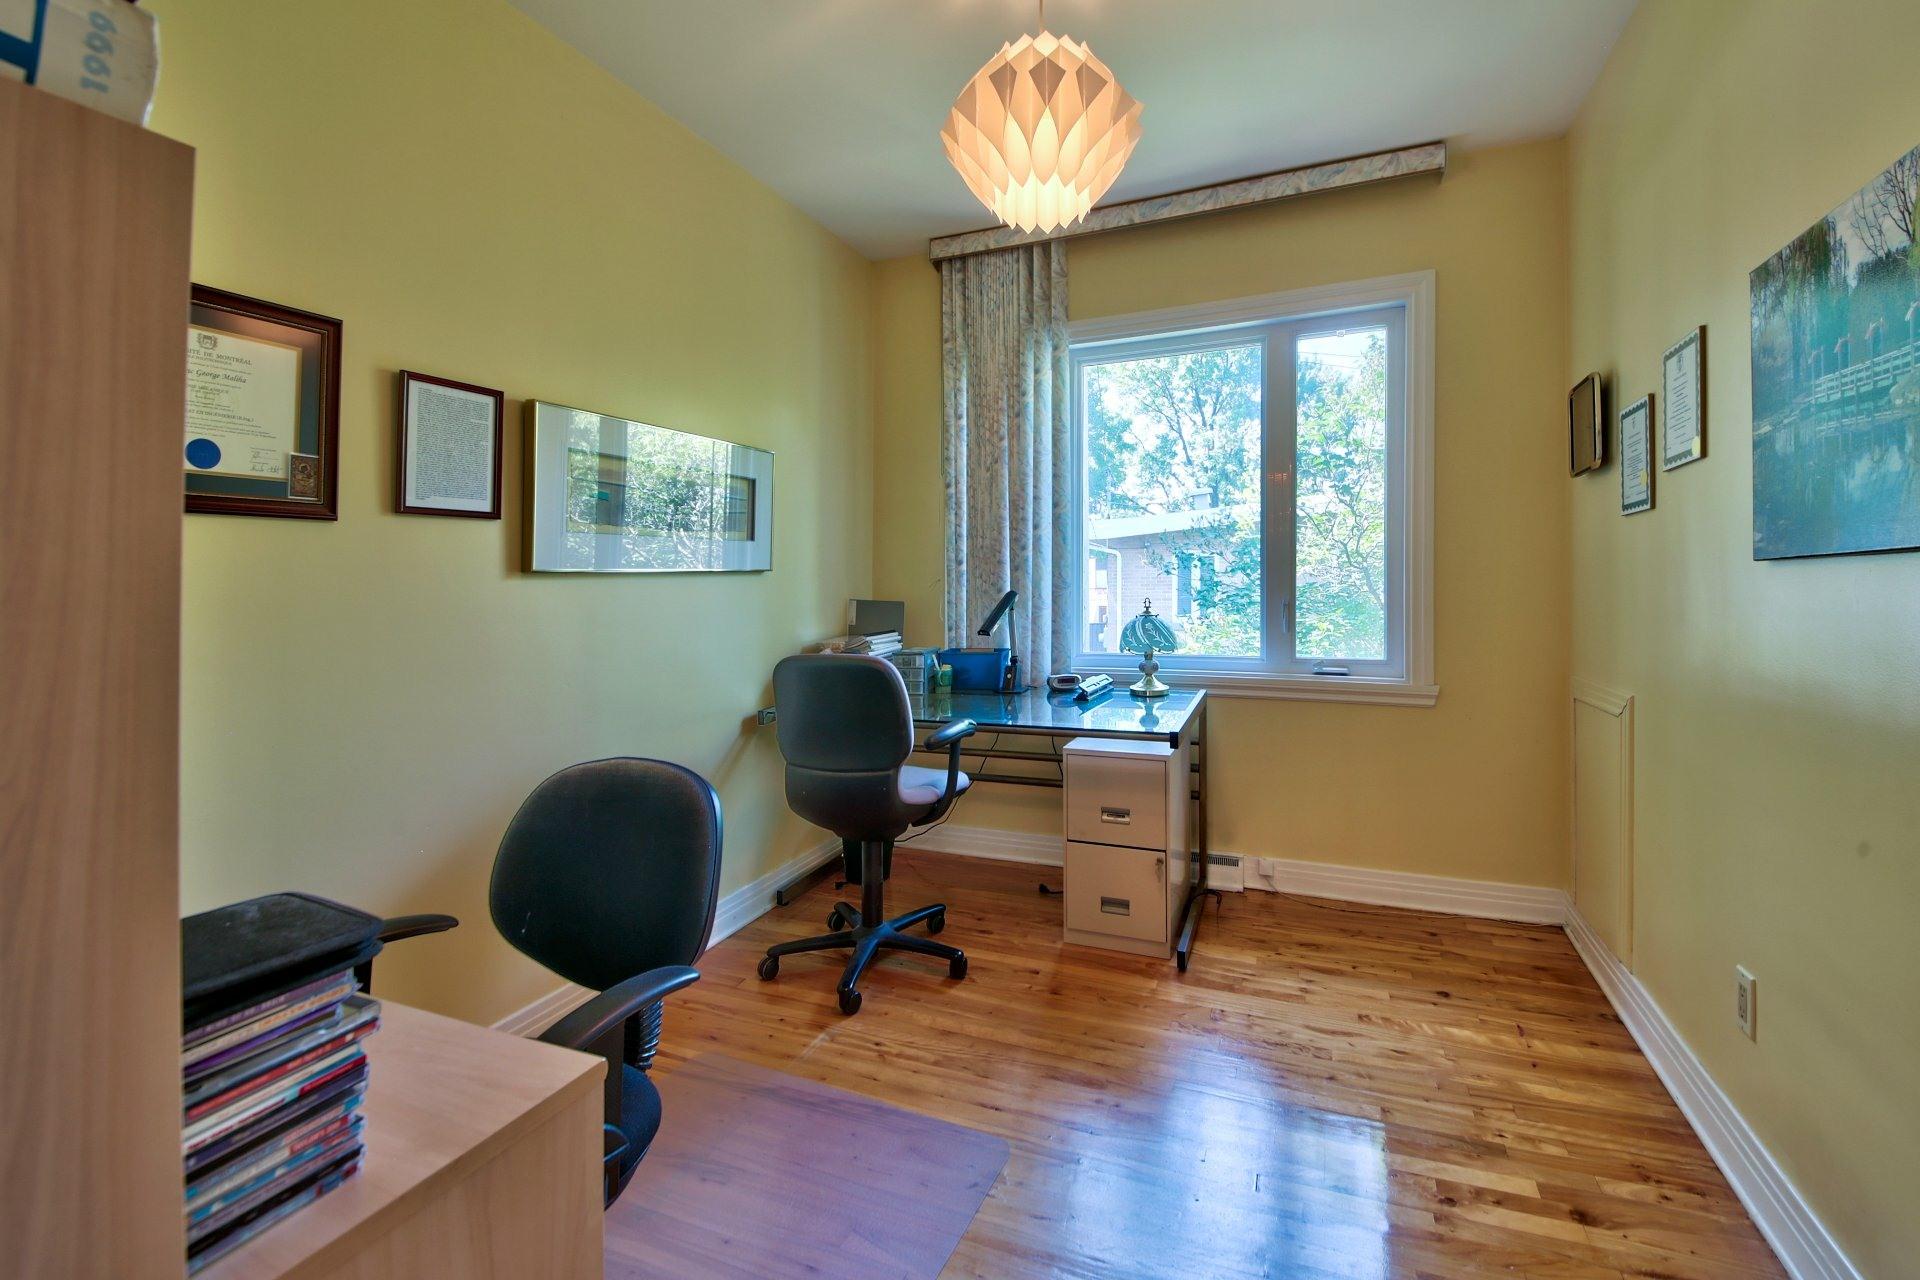 image 16 - Maison À vendre Ahuntsic-Cartierville Montréal  - 11 pièces